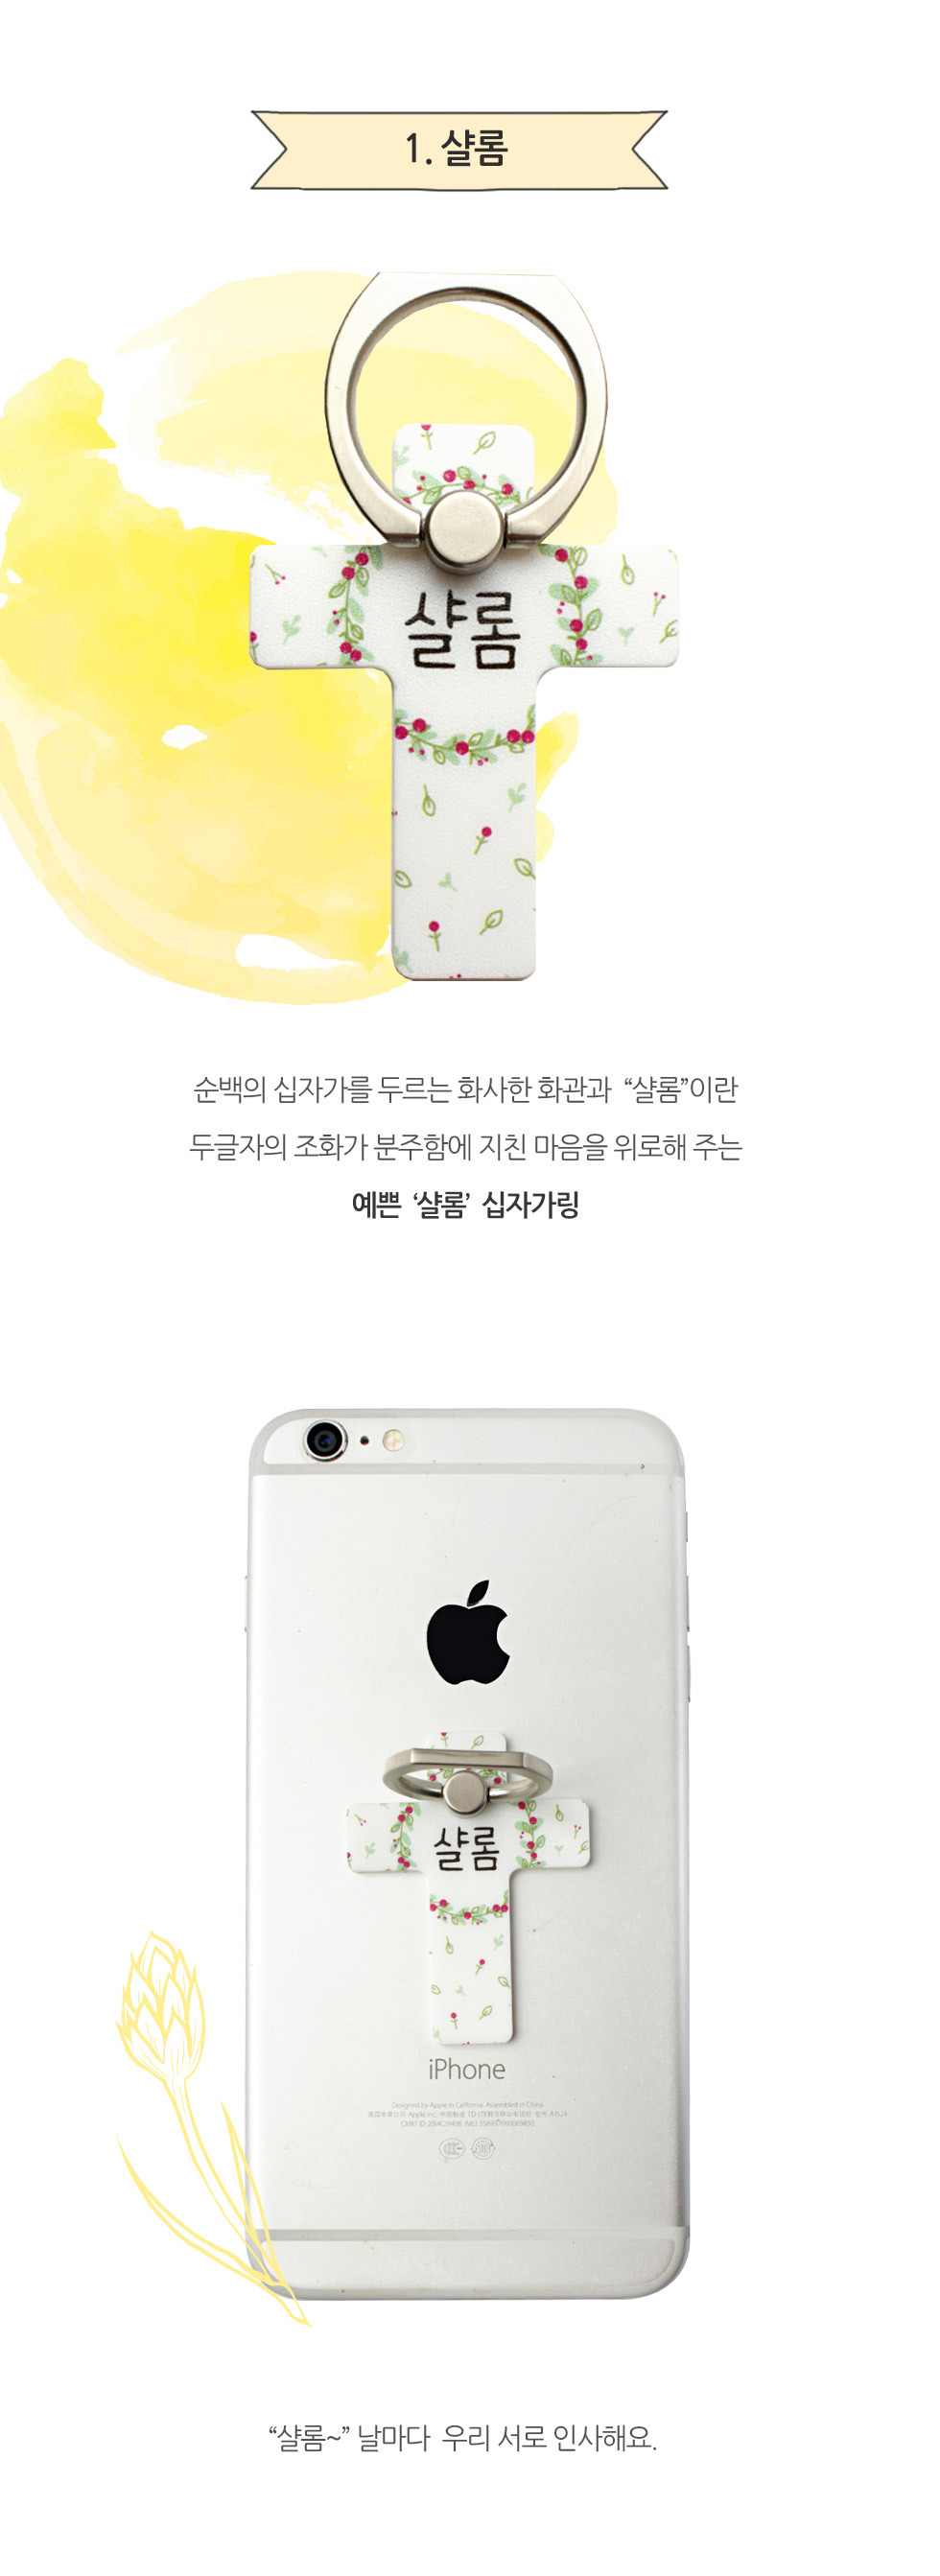 스마트폰 거치대 십자가링 2탄 제품보기1